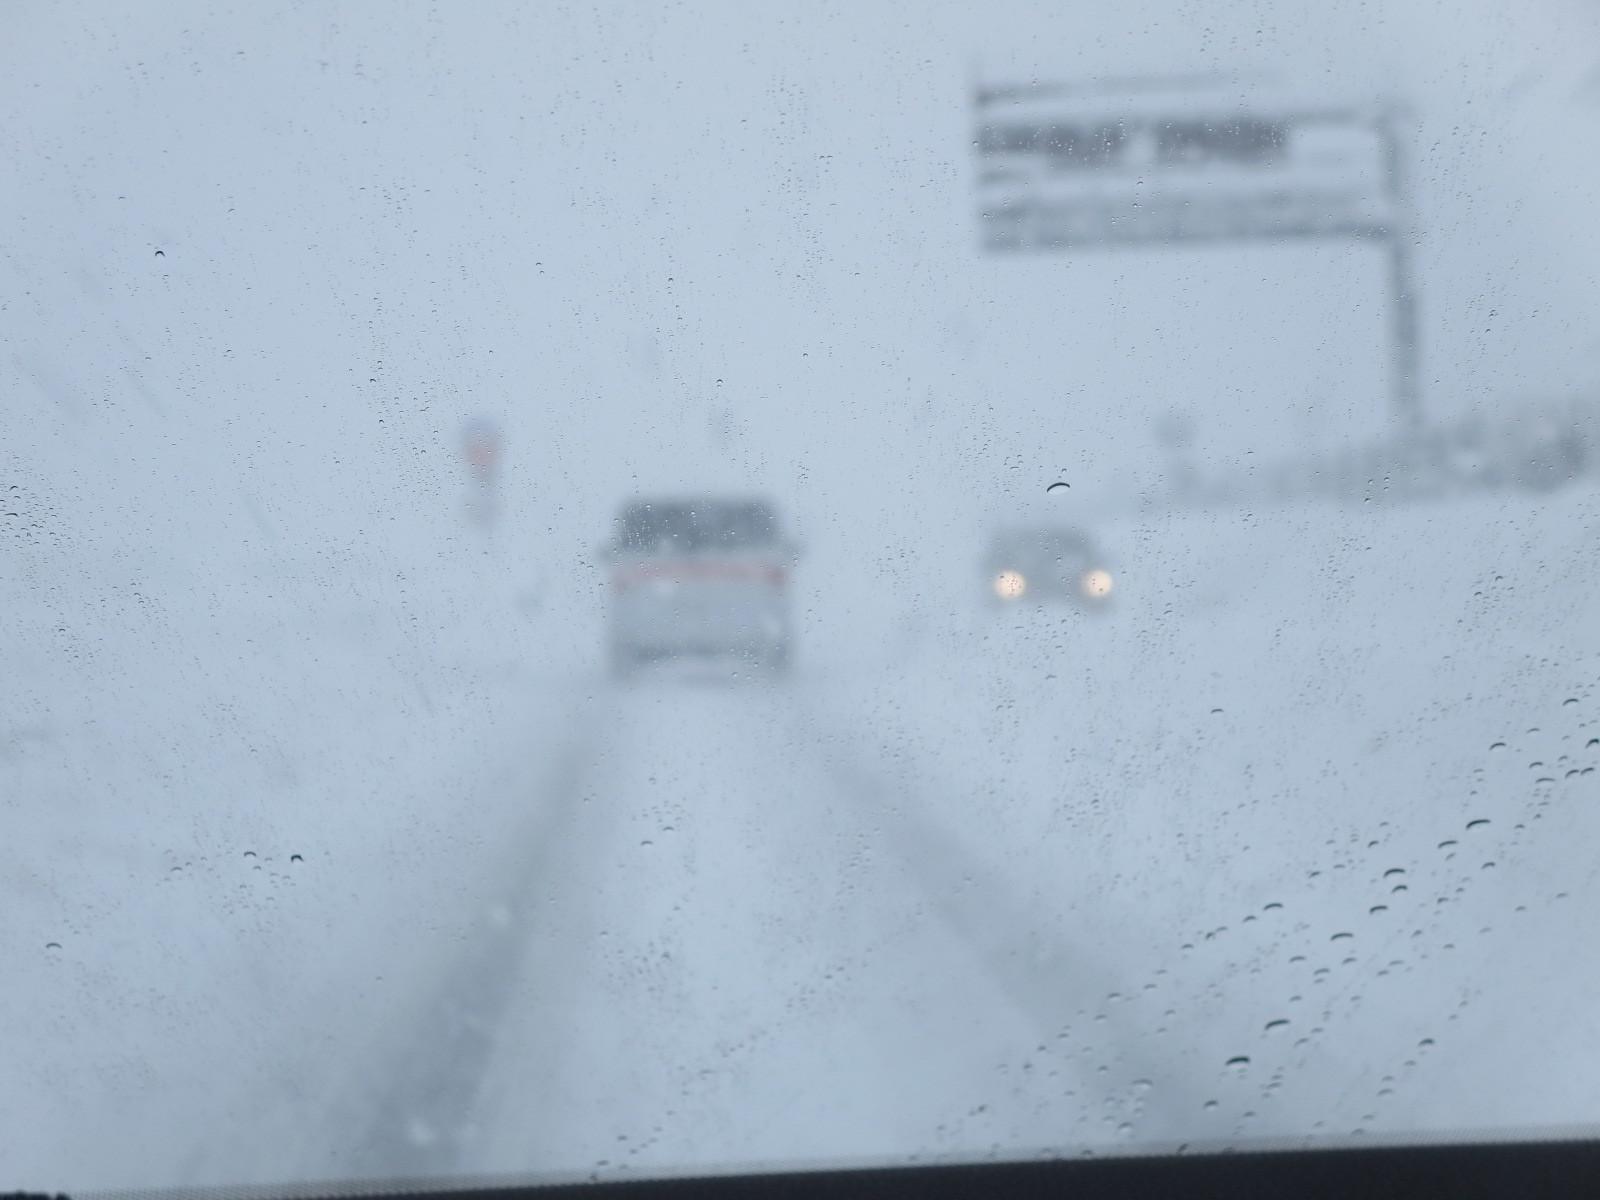 吹雪の中 山形県金山町行き_e0054299_17402001.jpg